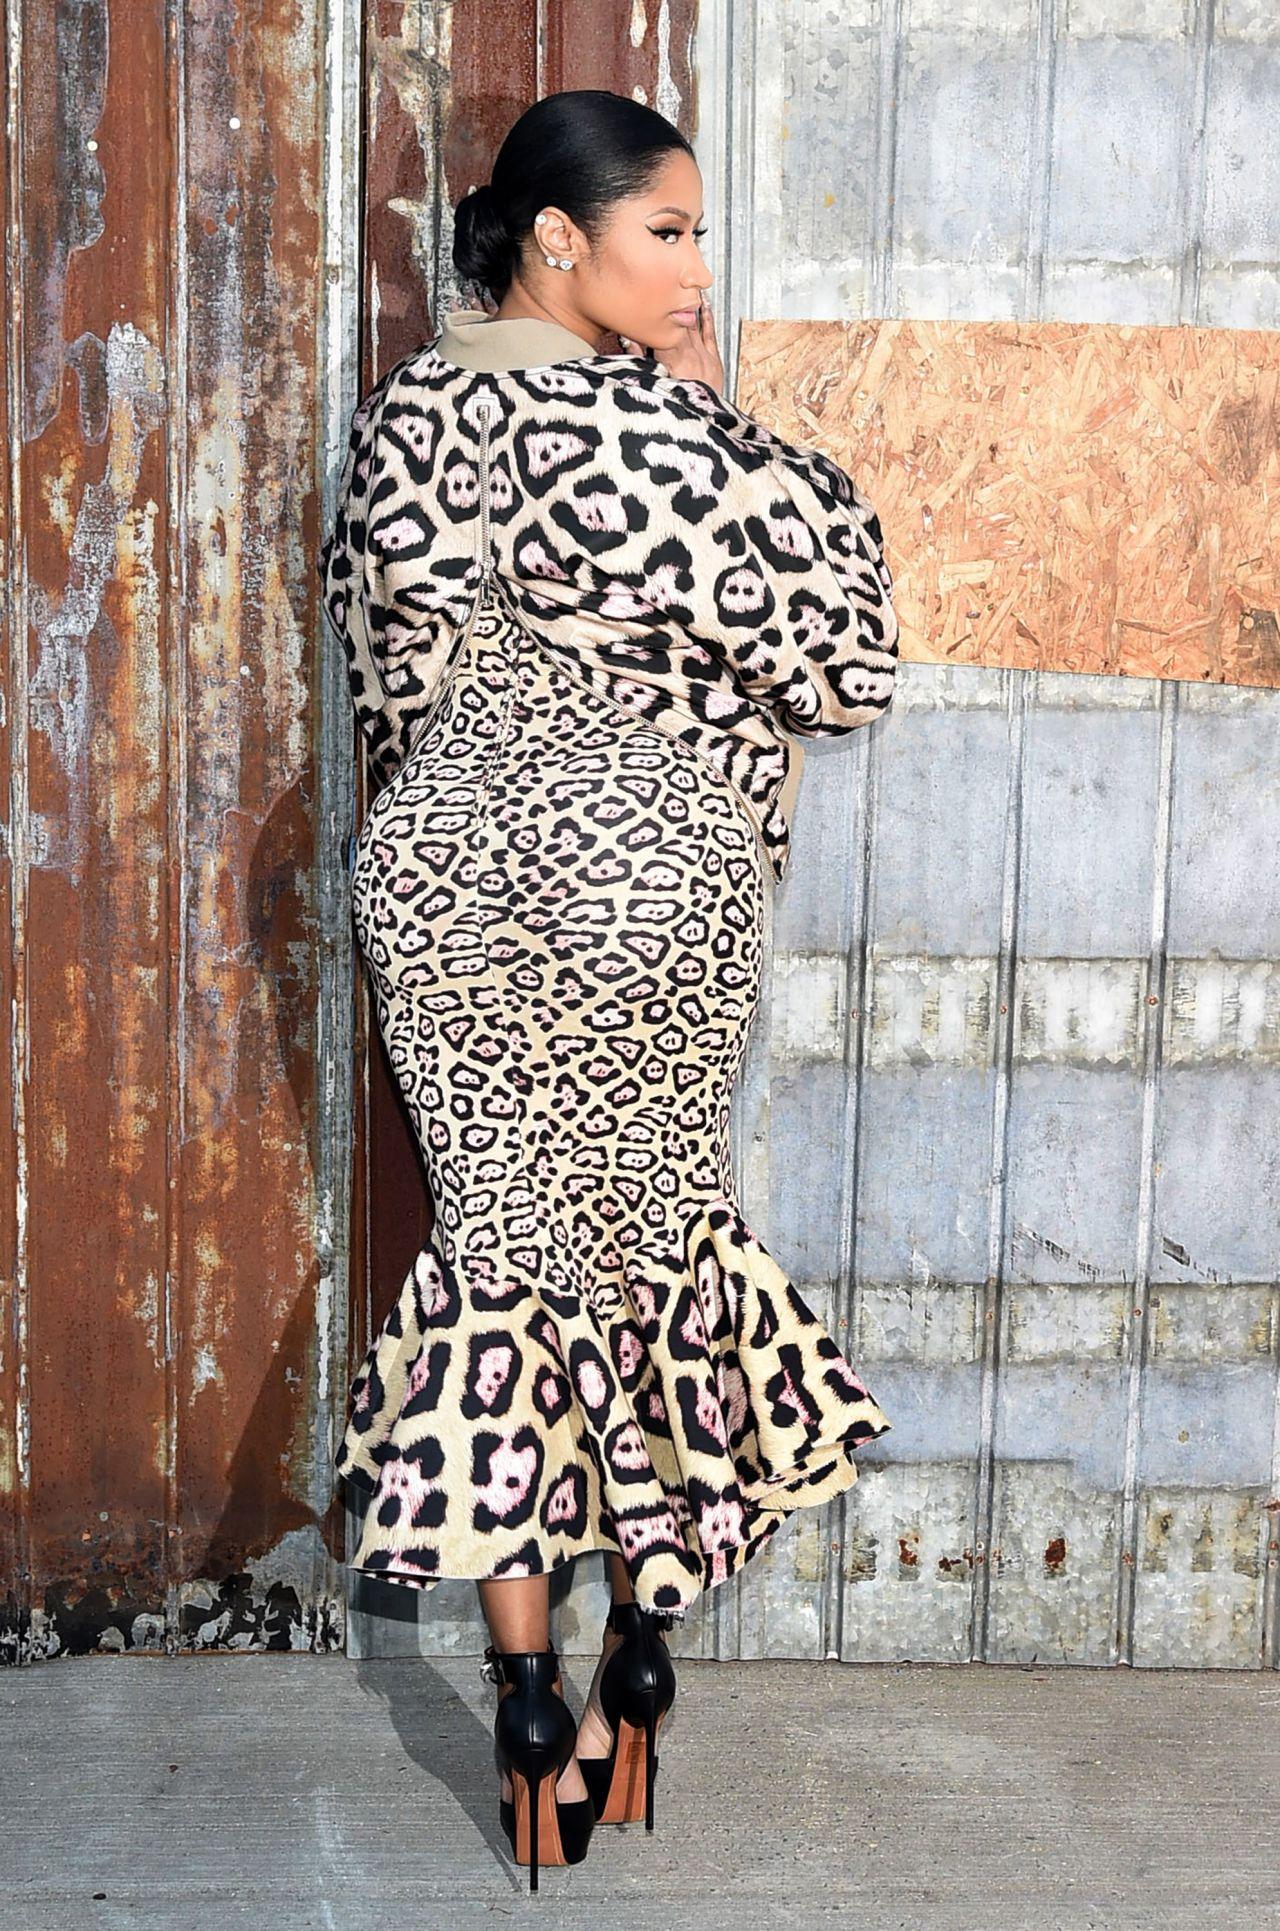 Nicki Minaj Givenchy Show At Spring 2016 Ny Fashion Week